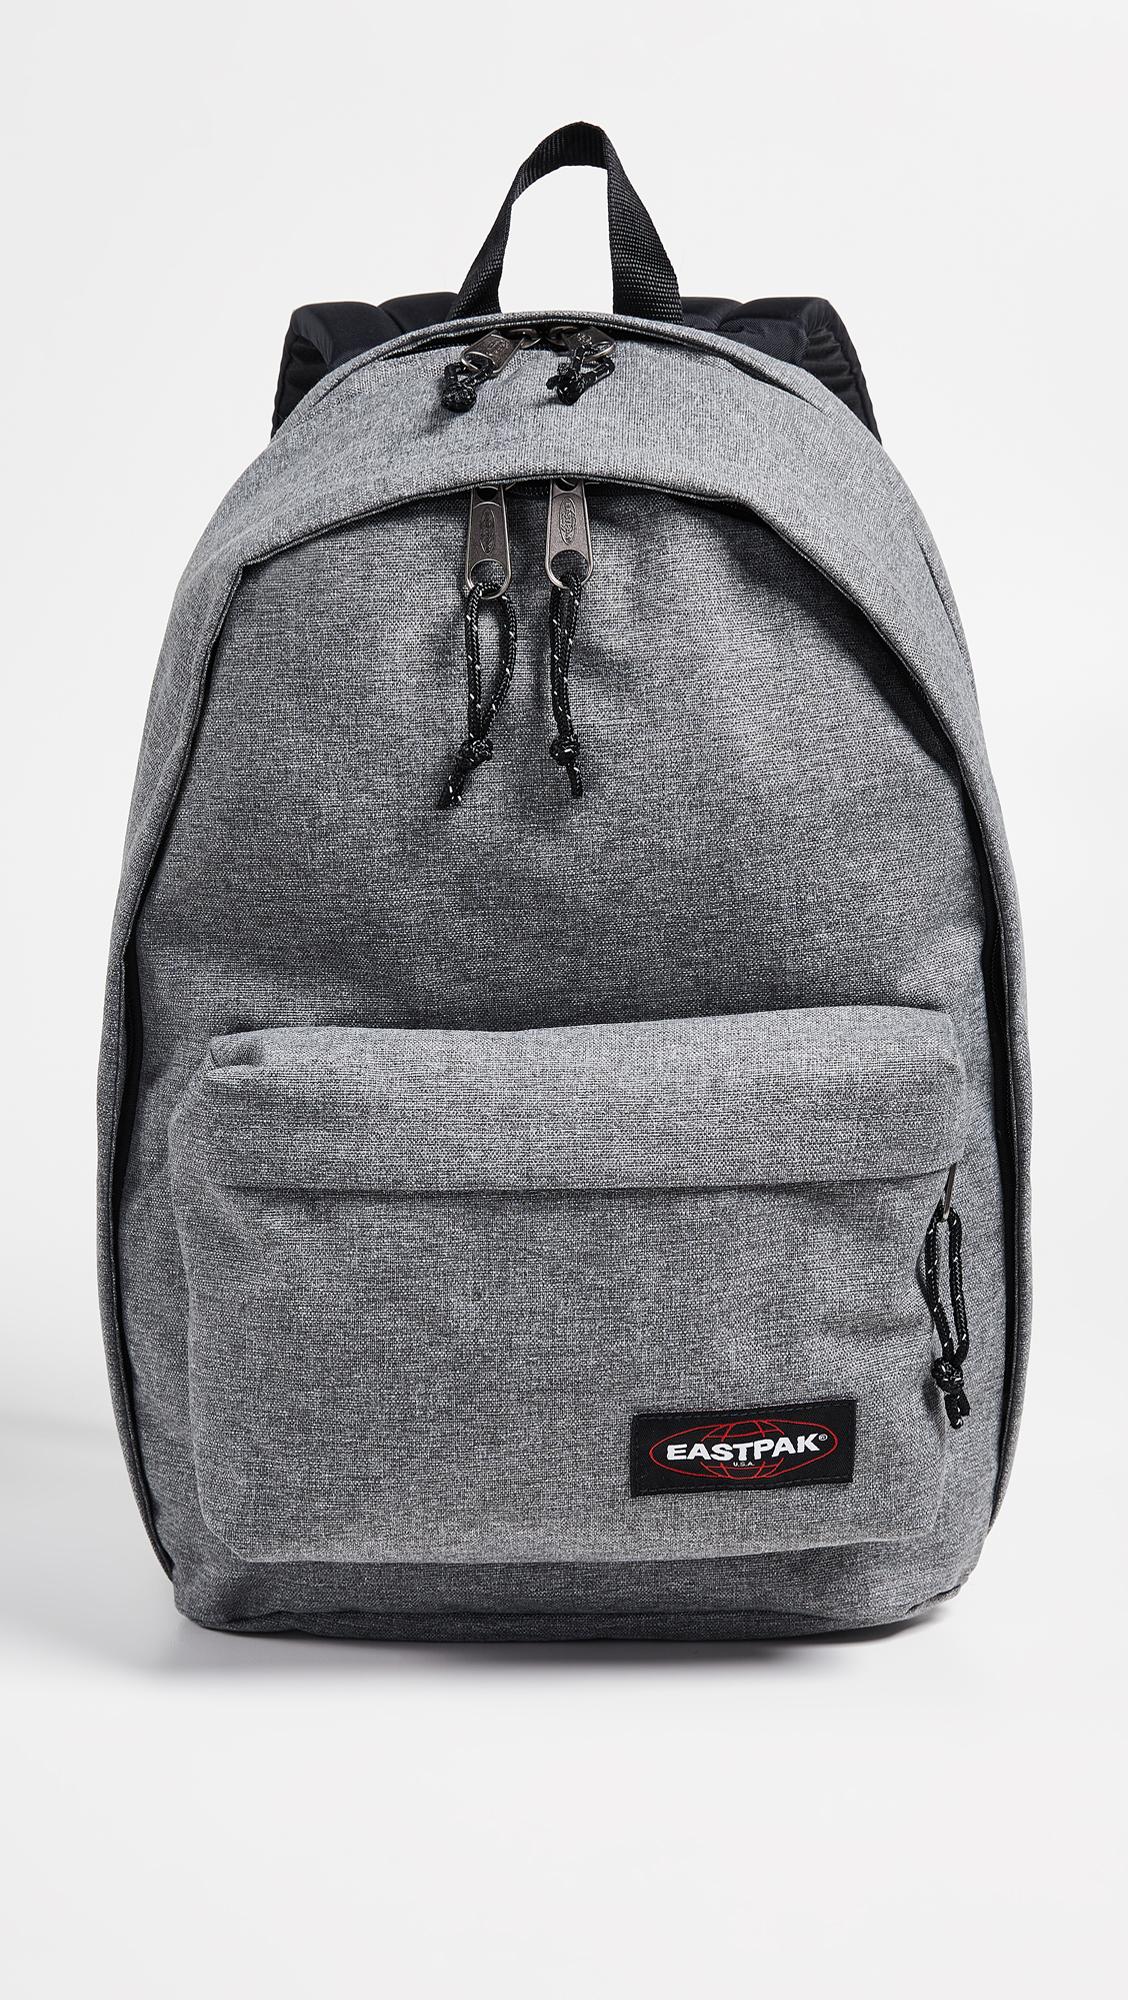 1ab0741bd5d7 Eastpak Back to Work Backpack